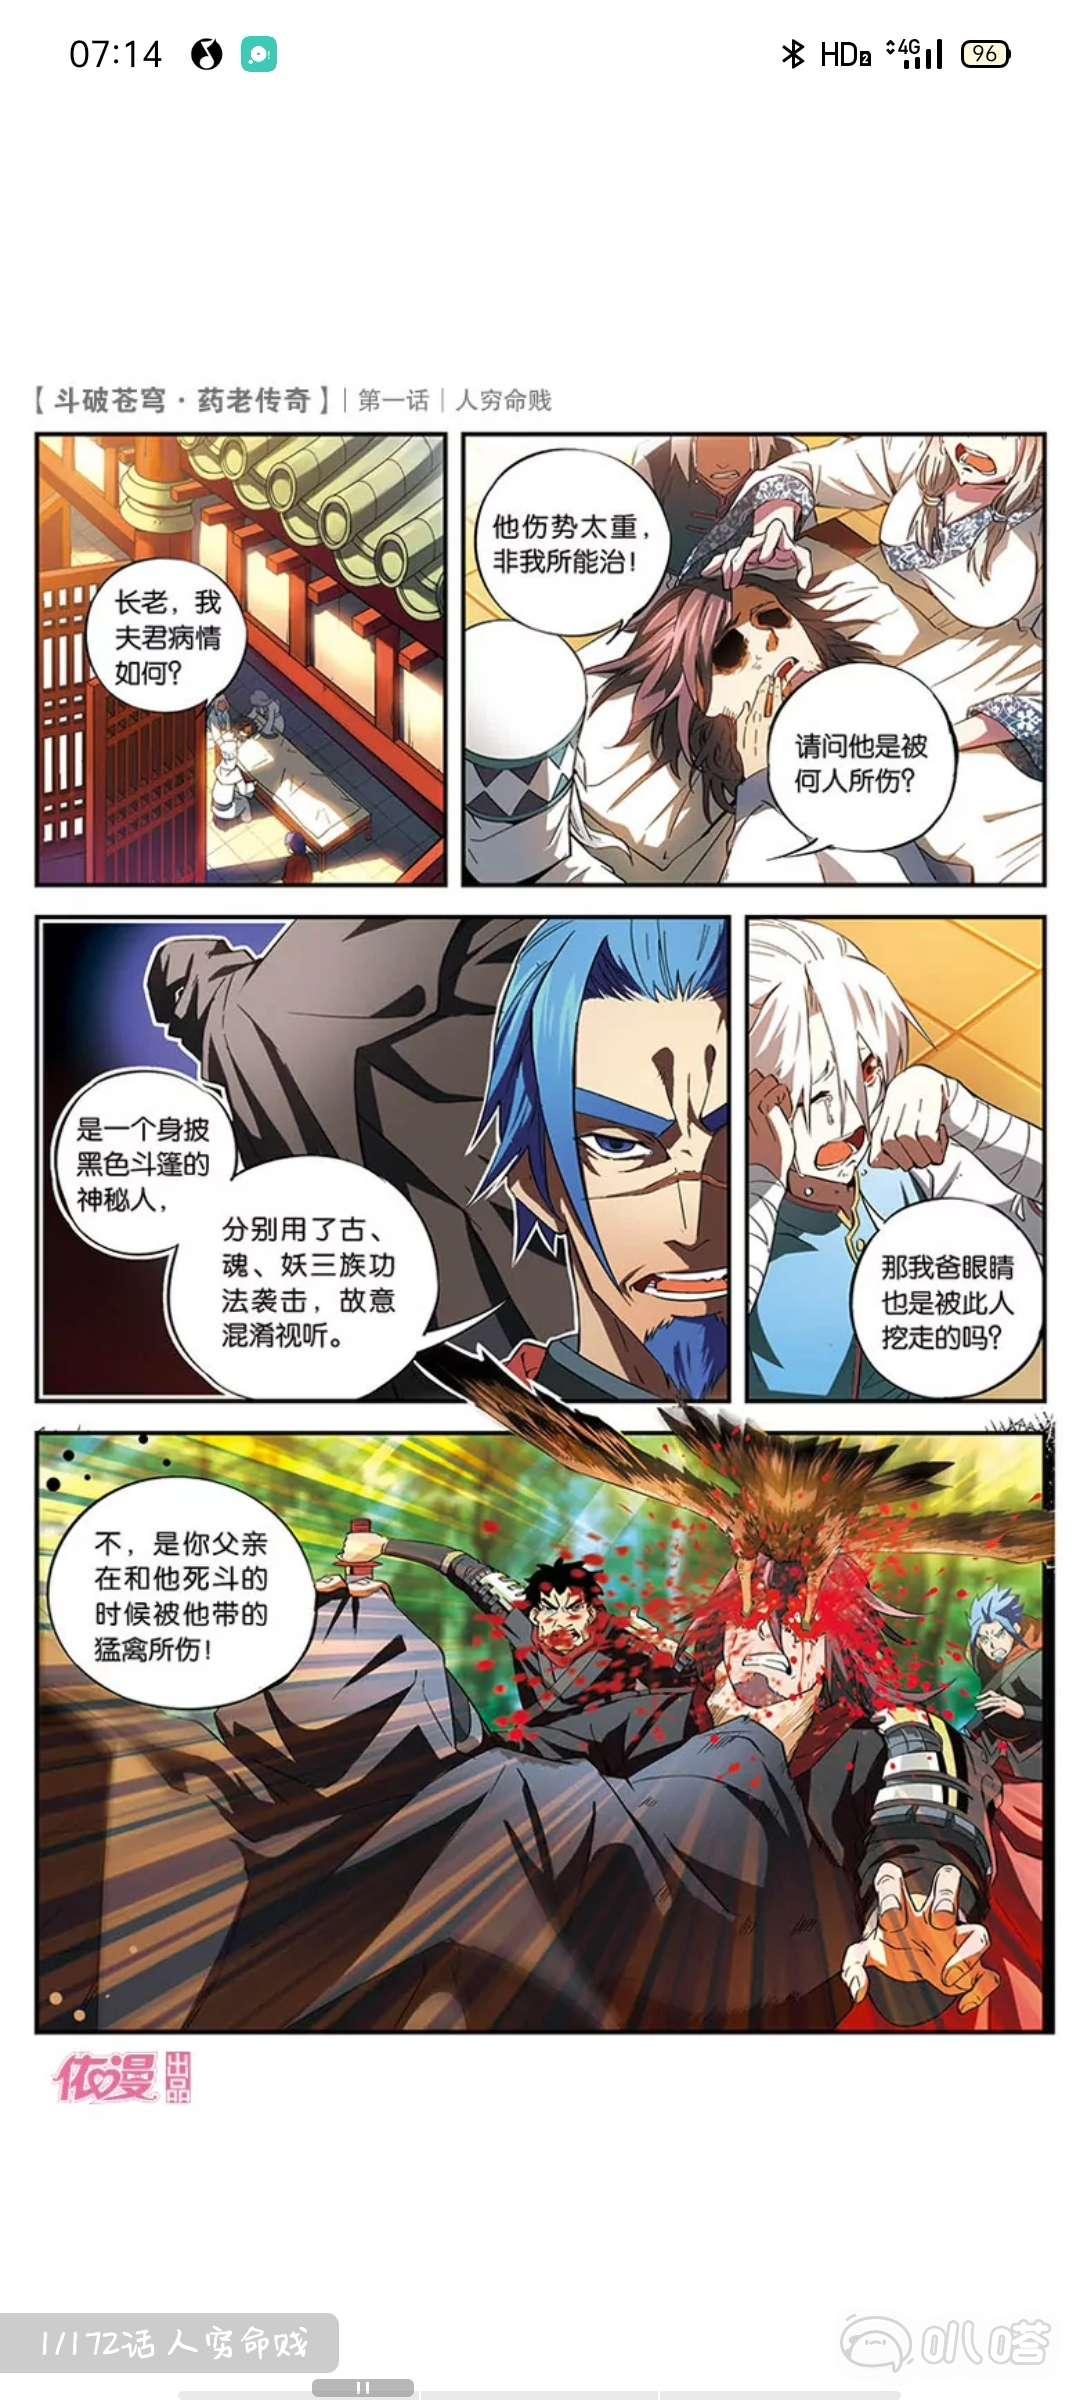 【漫画】斗破苍穹药老传奇